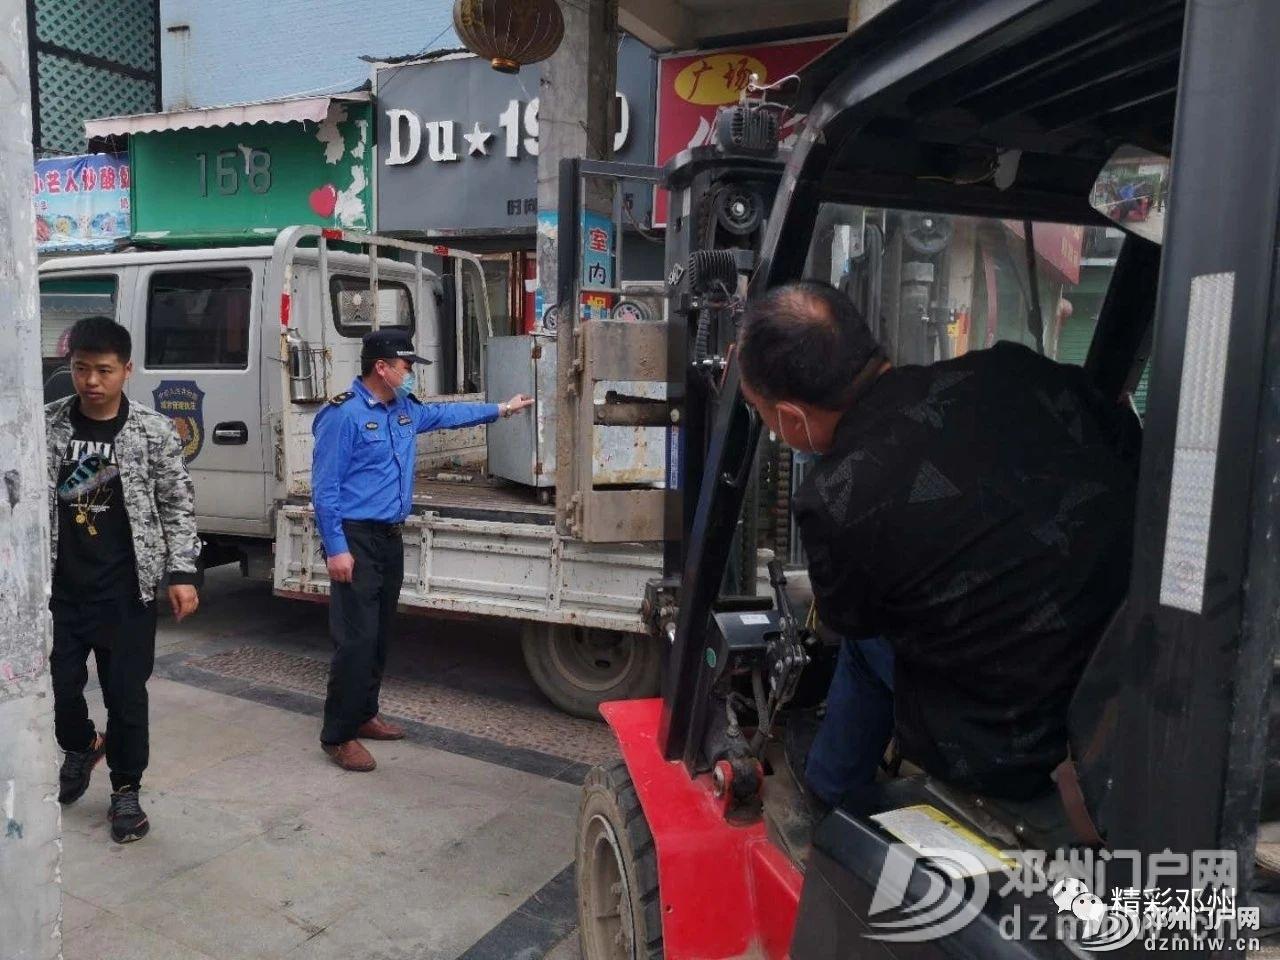 邓州古城商业街中心广场占道娱乐设施被依法拆除 - 邓州门户网 邓州网 - ec451aefede35d1d5a1eb78b939084af.jpg